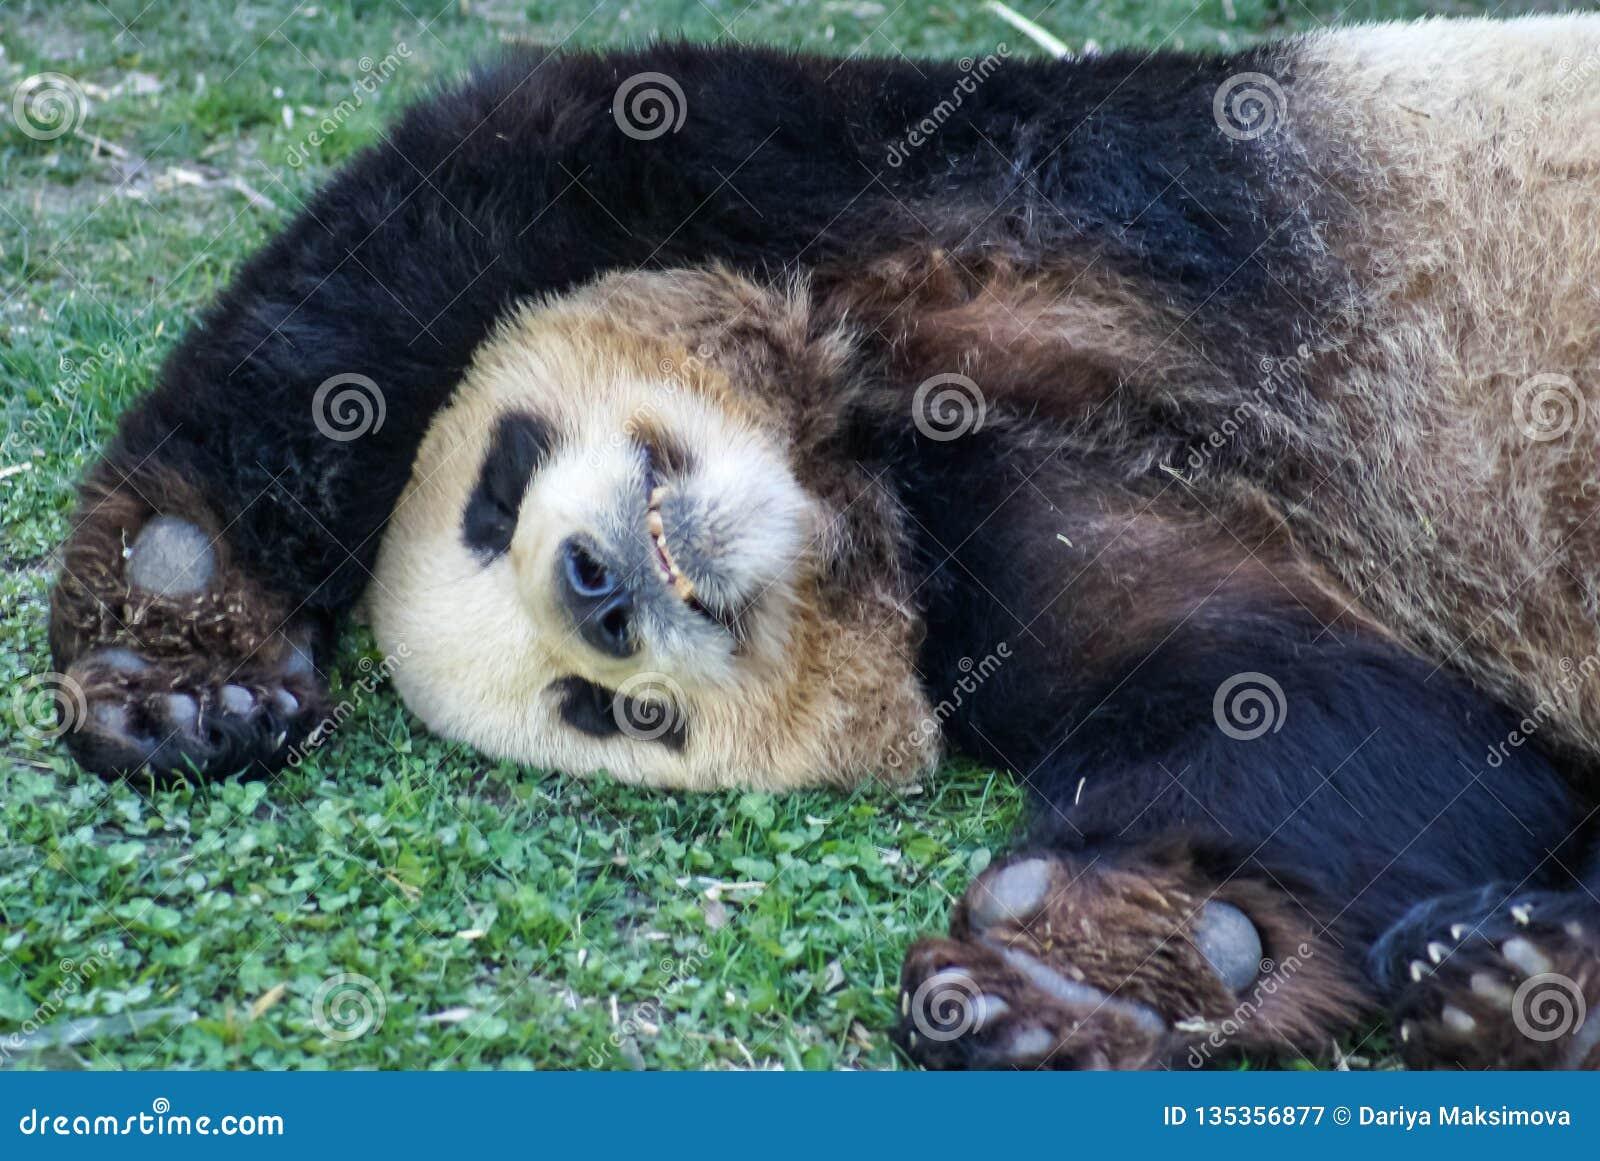 Den stora svart-vit pandabjörnen som sover med, tafsar upp för att ge upp